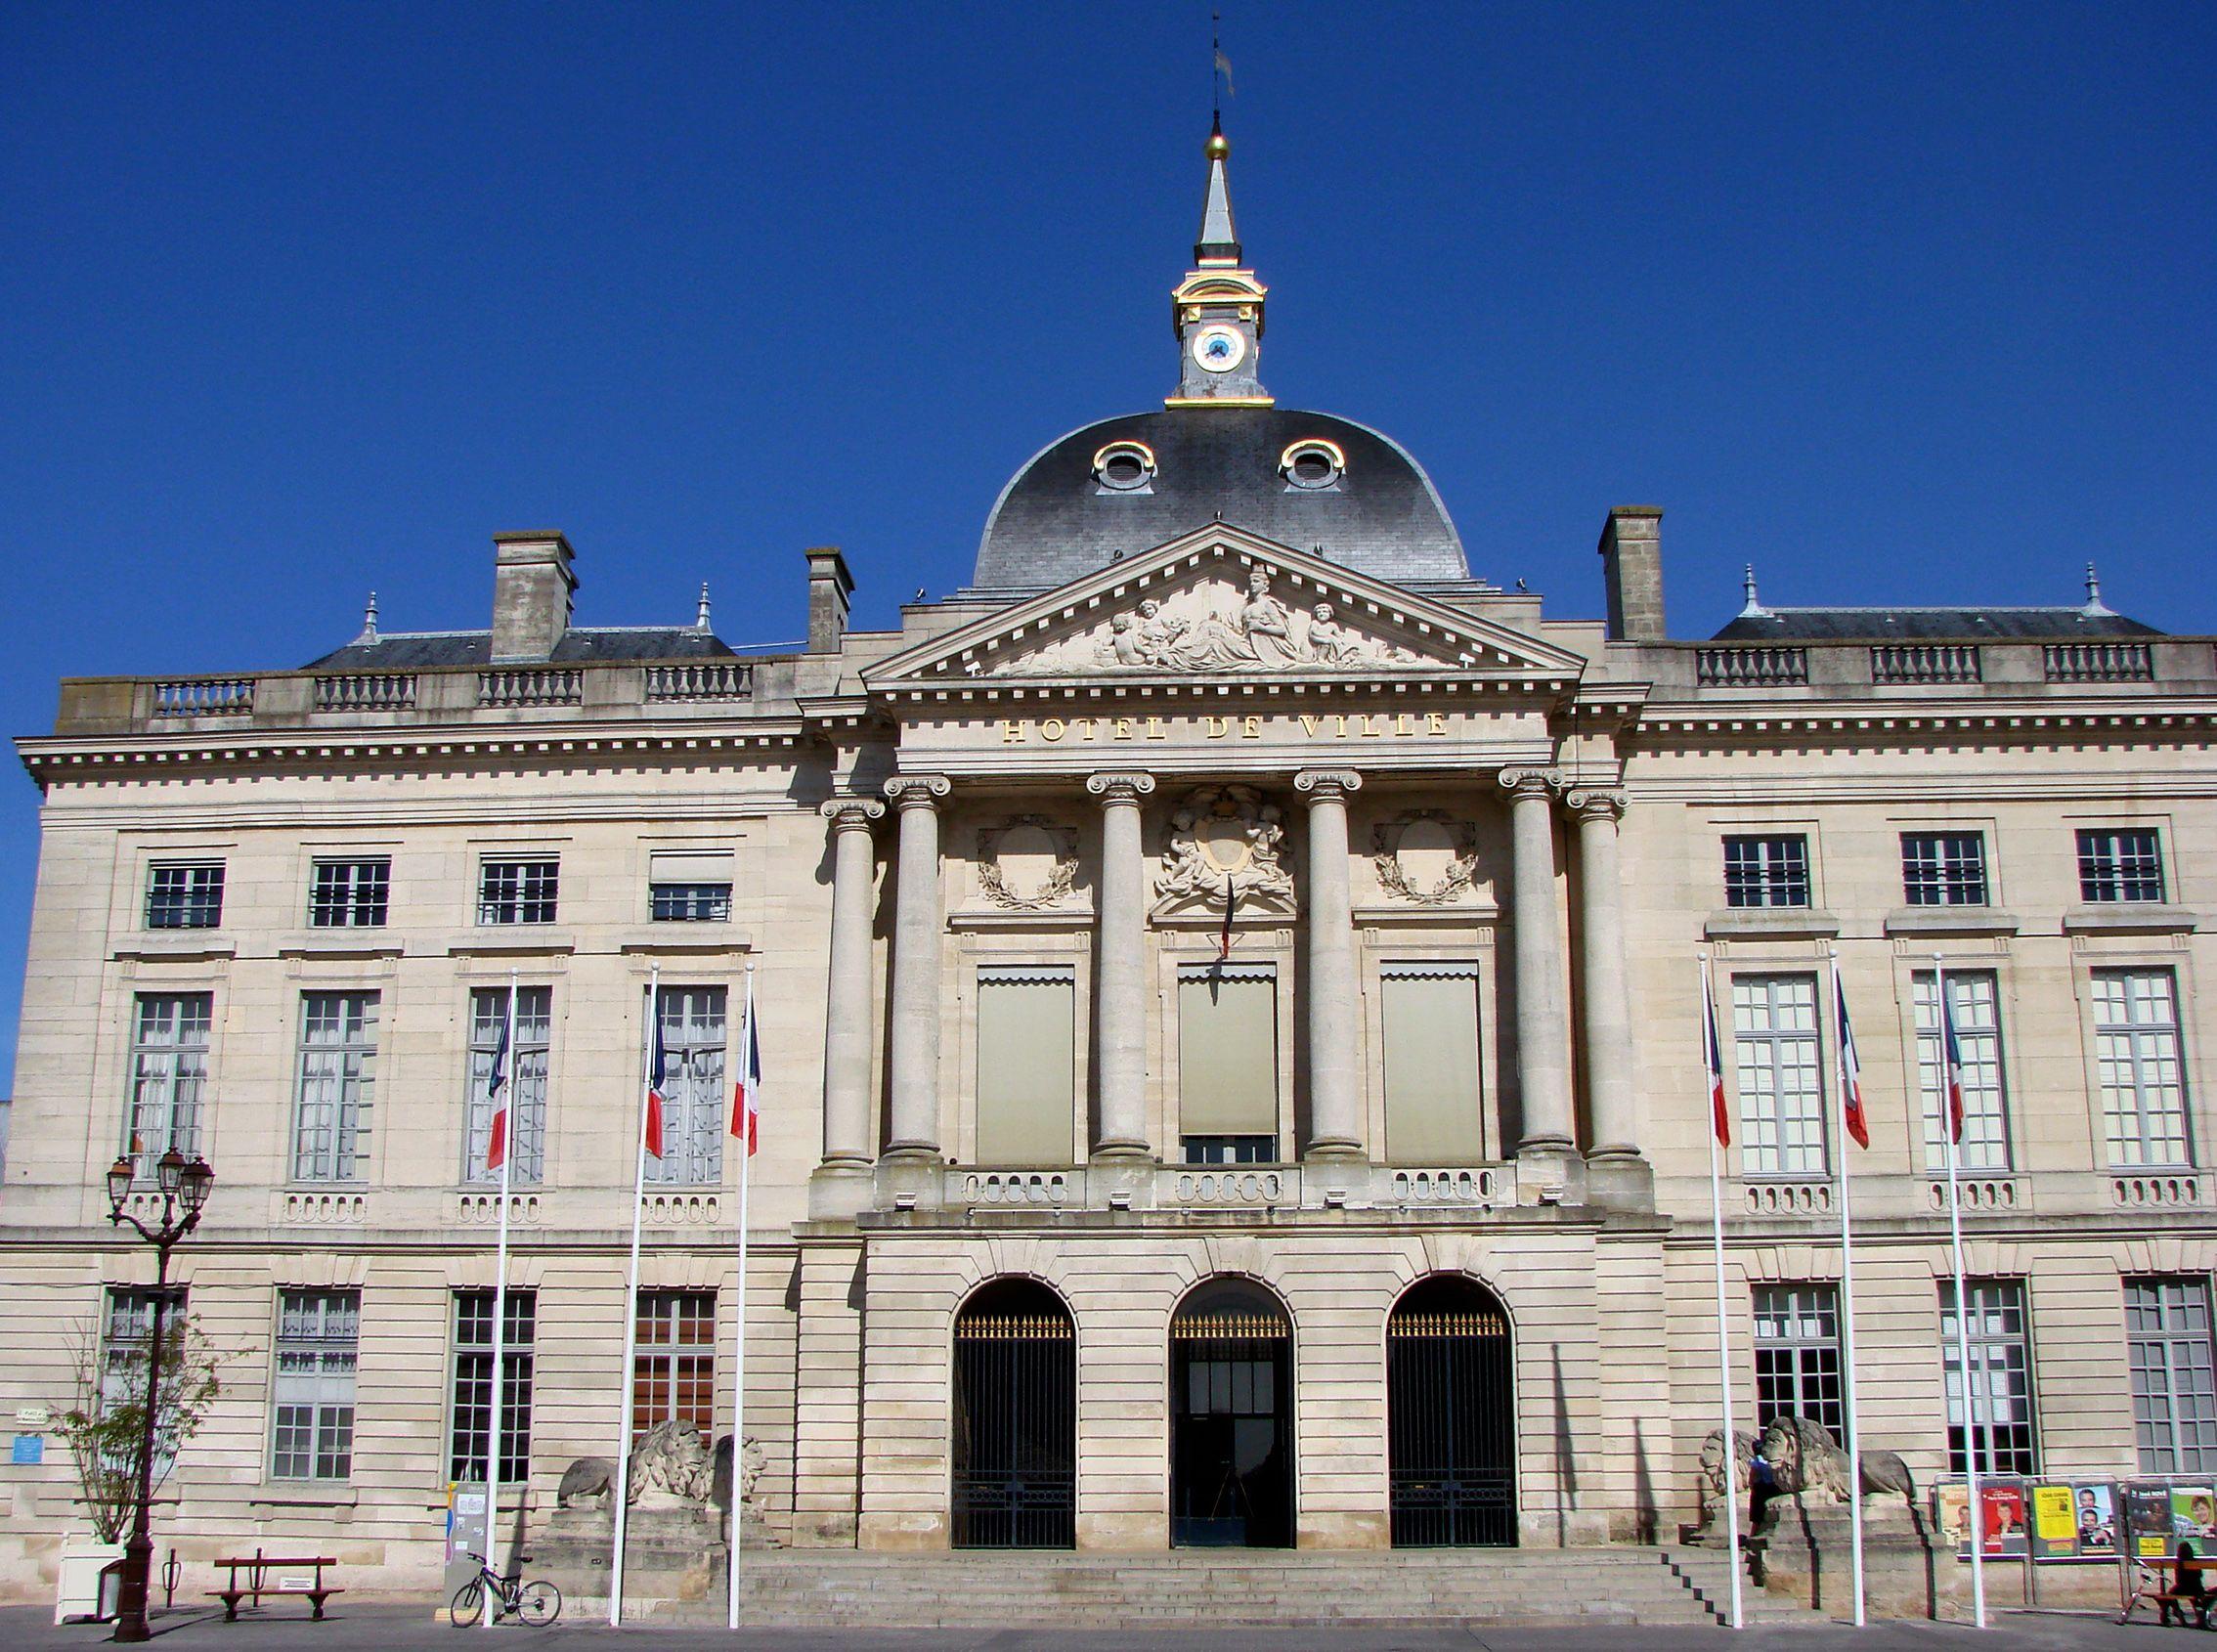 La ville de Châlons-en-Champagne est réputée pour être une ville bien gérée.